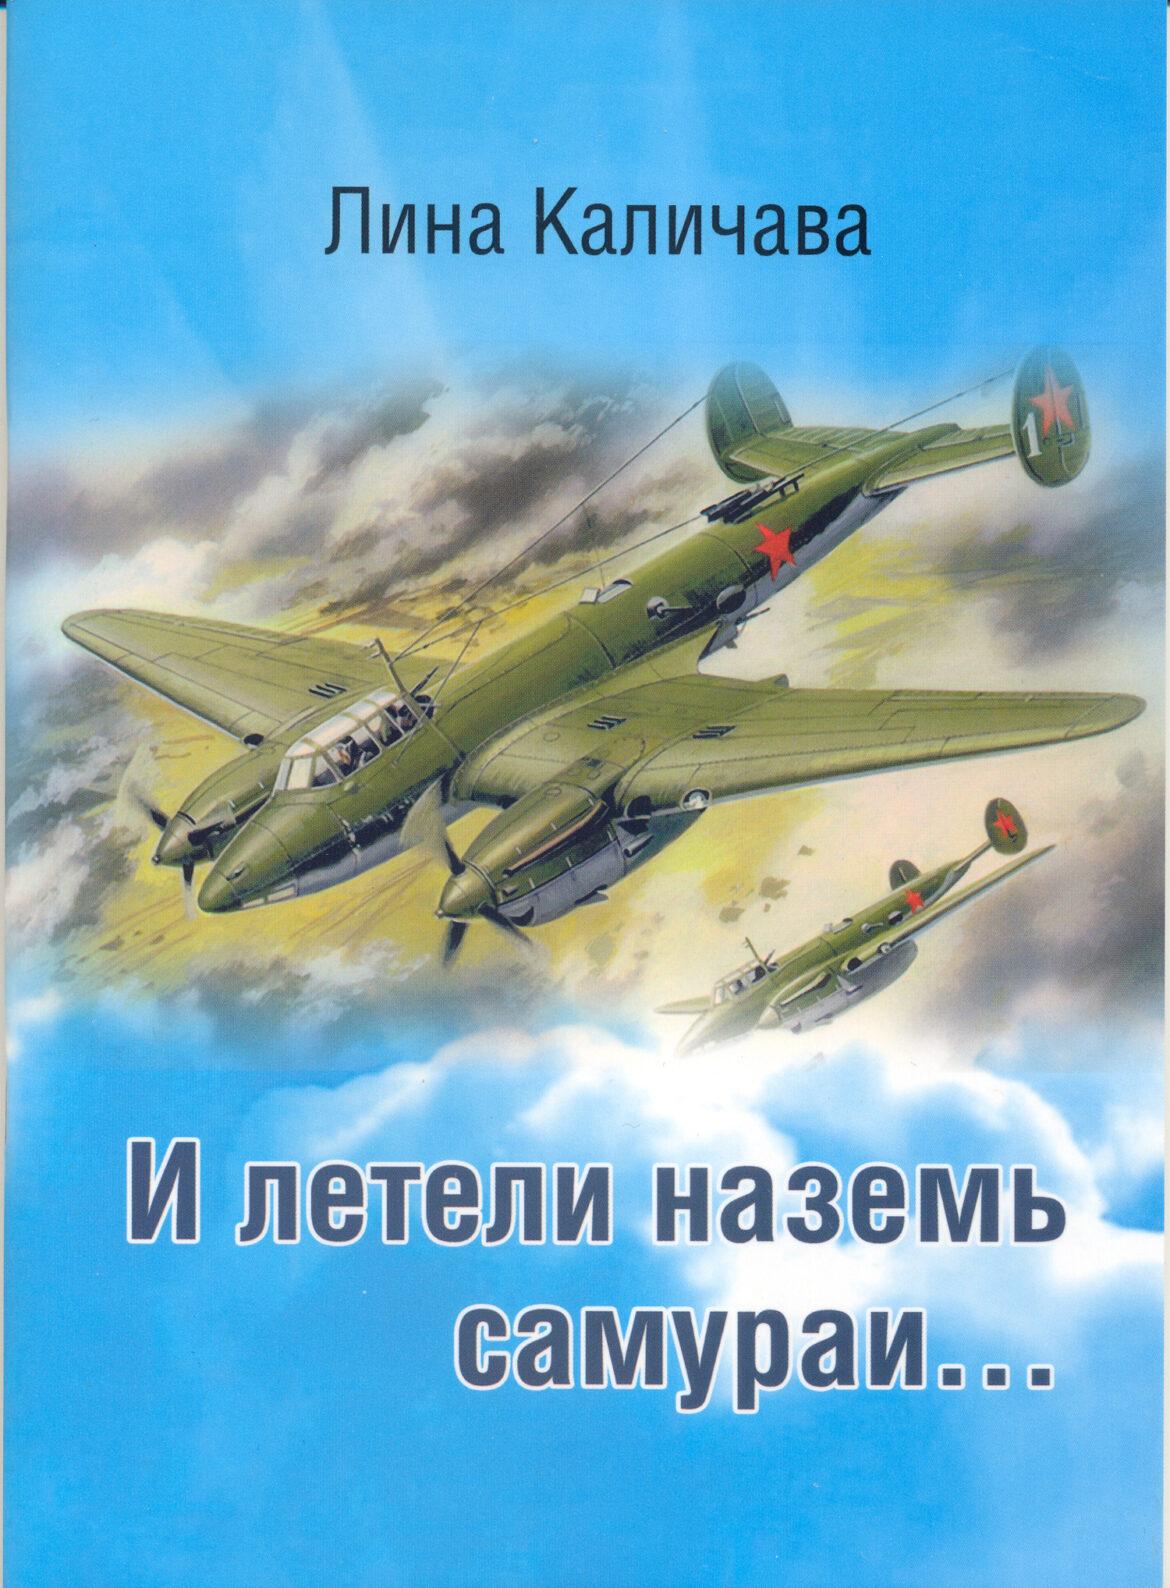 Тамара Пшеничная делится впечатлениями после прочтения книги Лины Ивановны Каличава